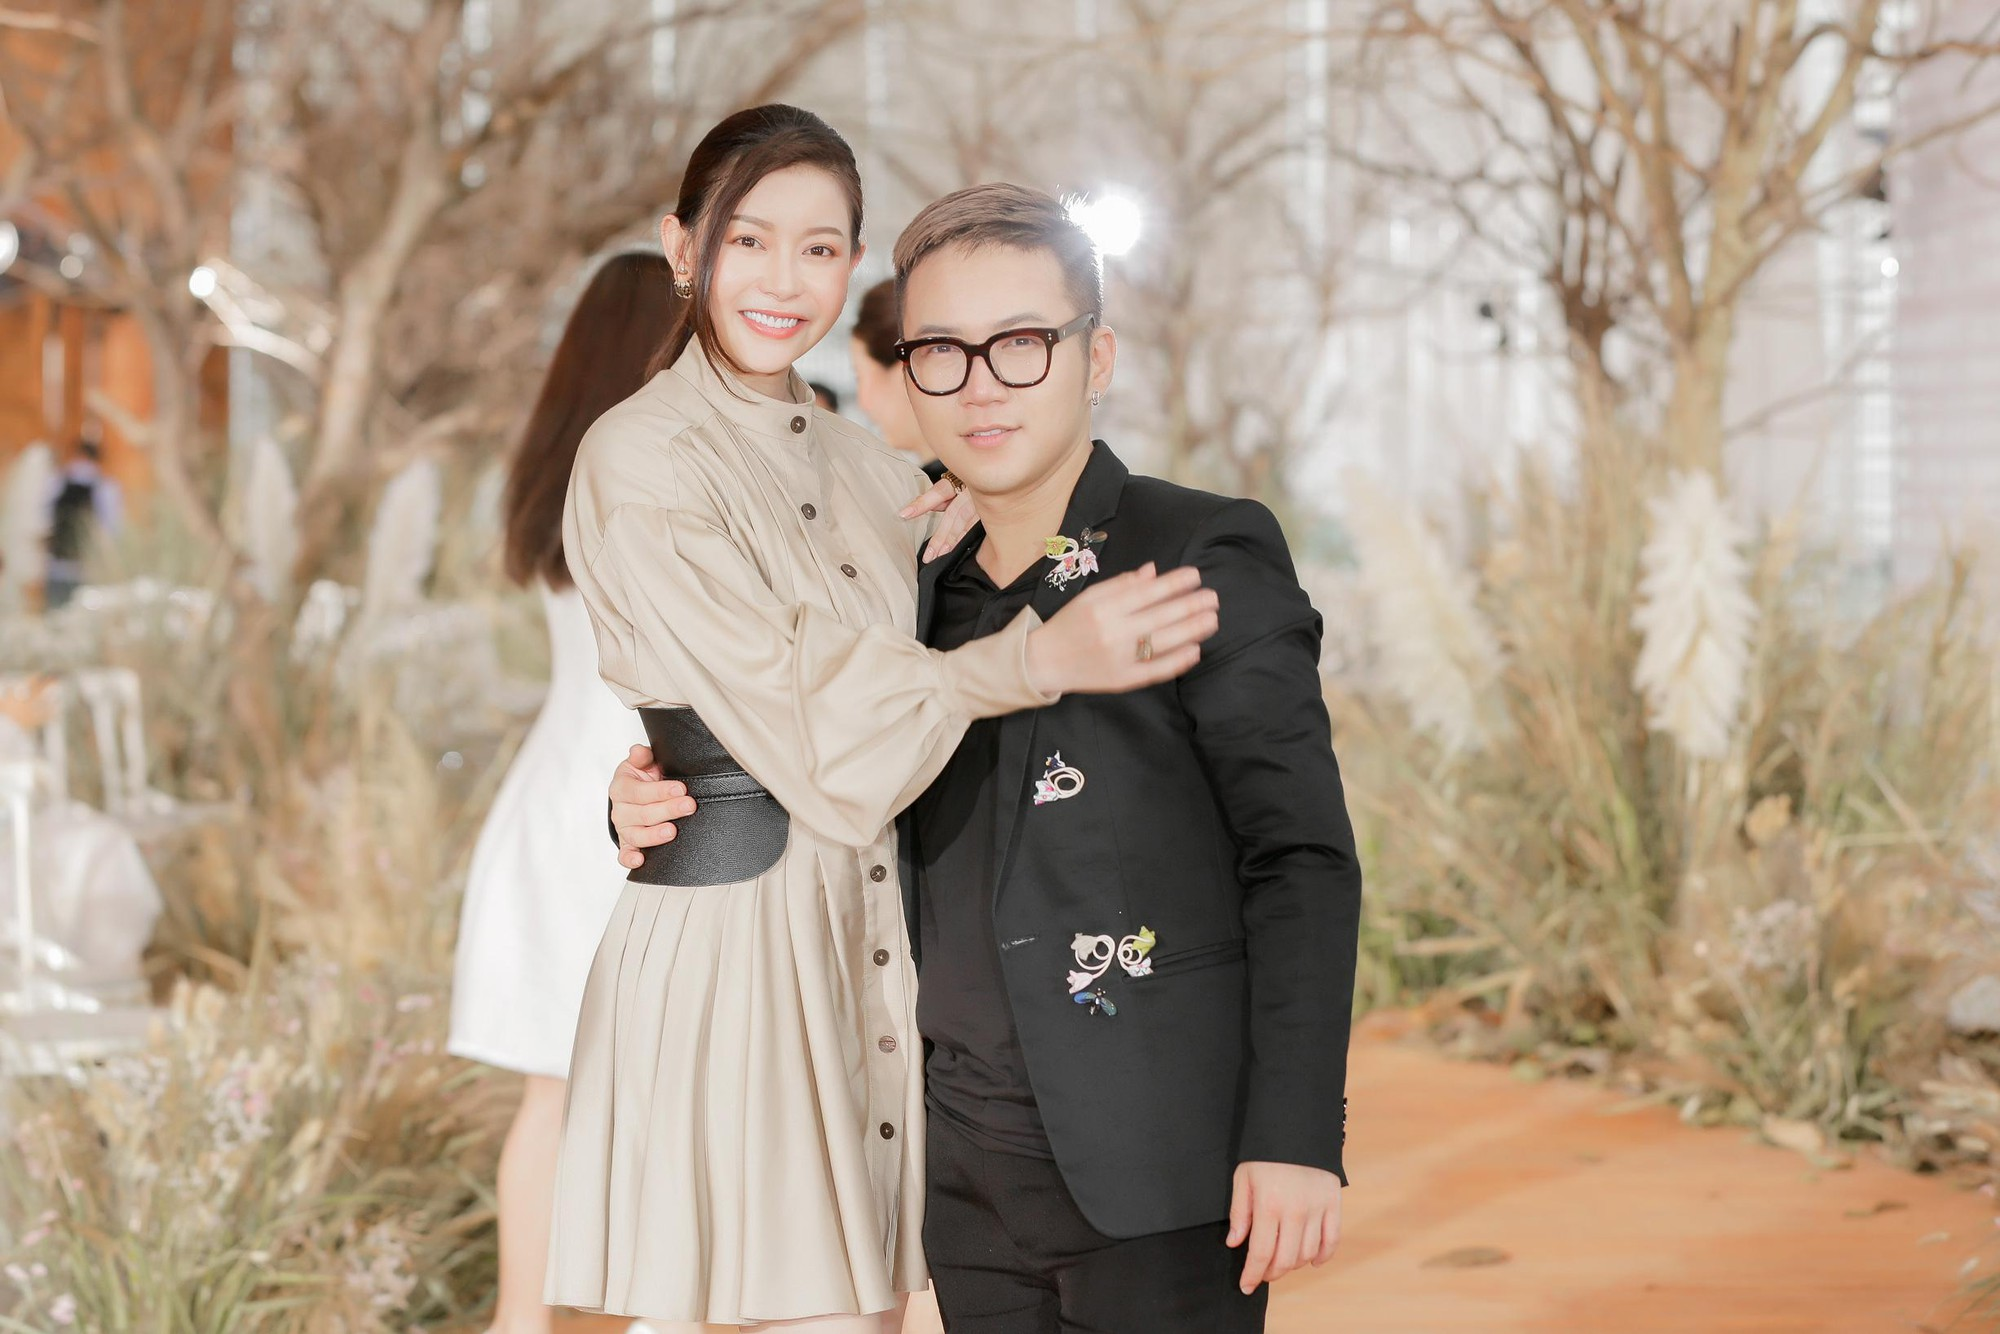 Hoa hậu Hải Dương được mỹ nam Minh Trung - Võ Cảnh tháp tùng, mua hơn nửa BST mới khi dự show của Chung Thanh Phong - Ảnh 6.